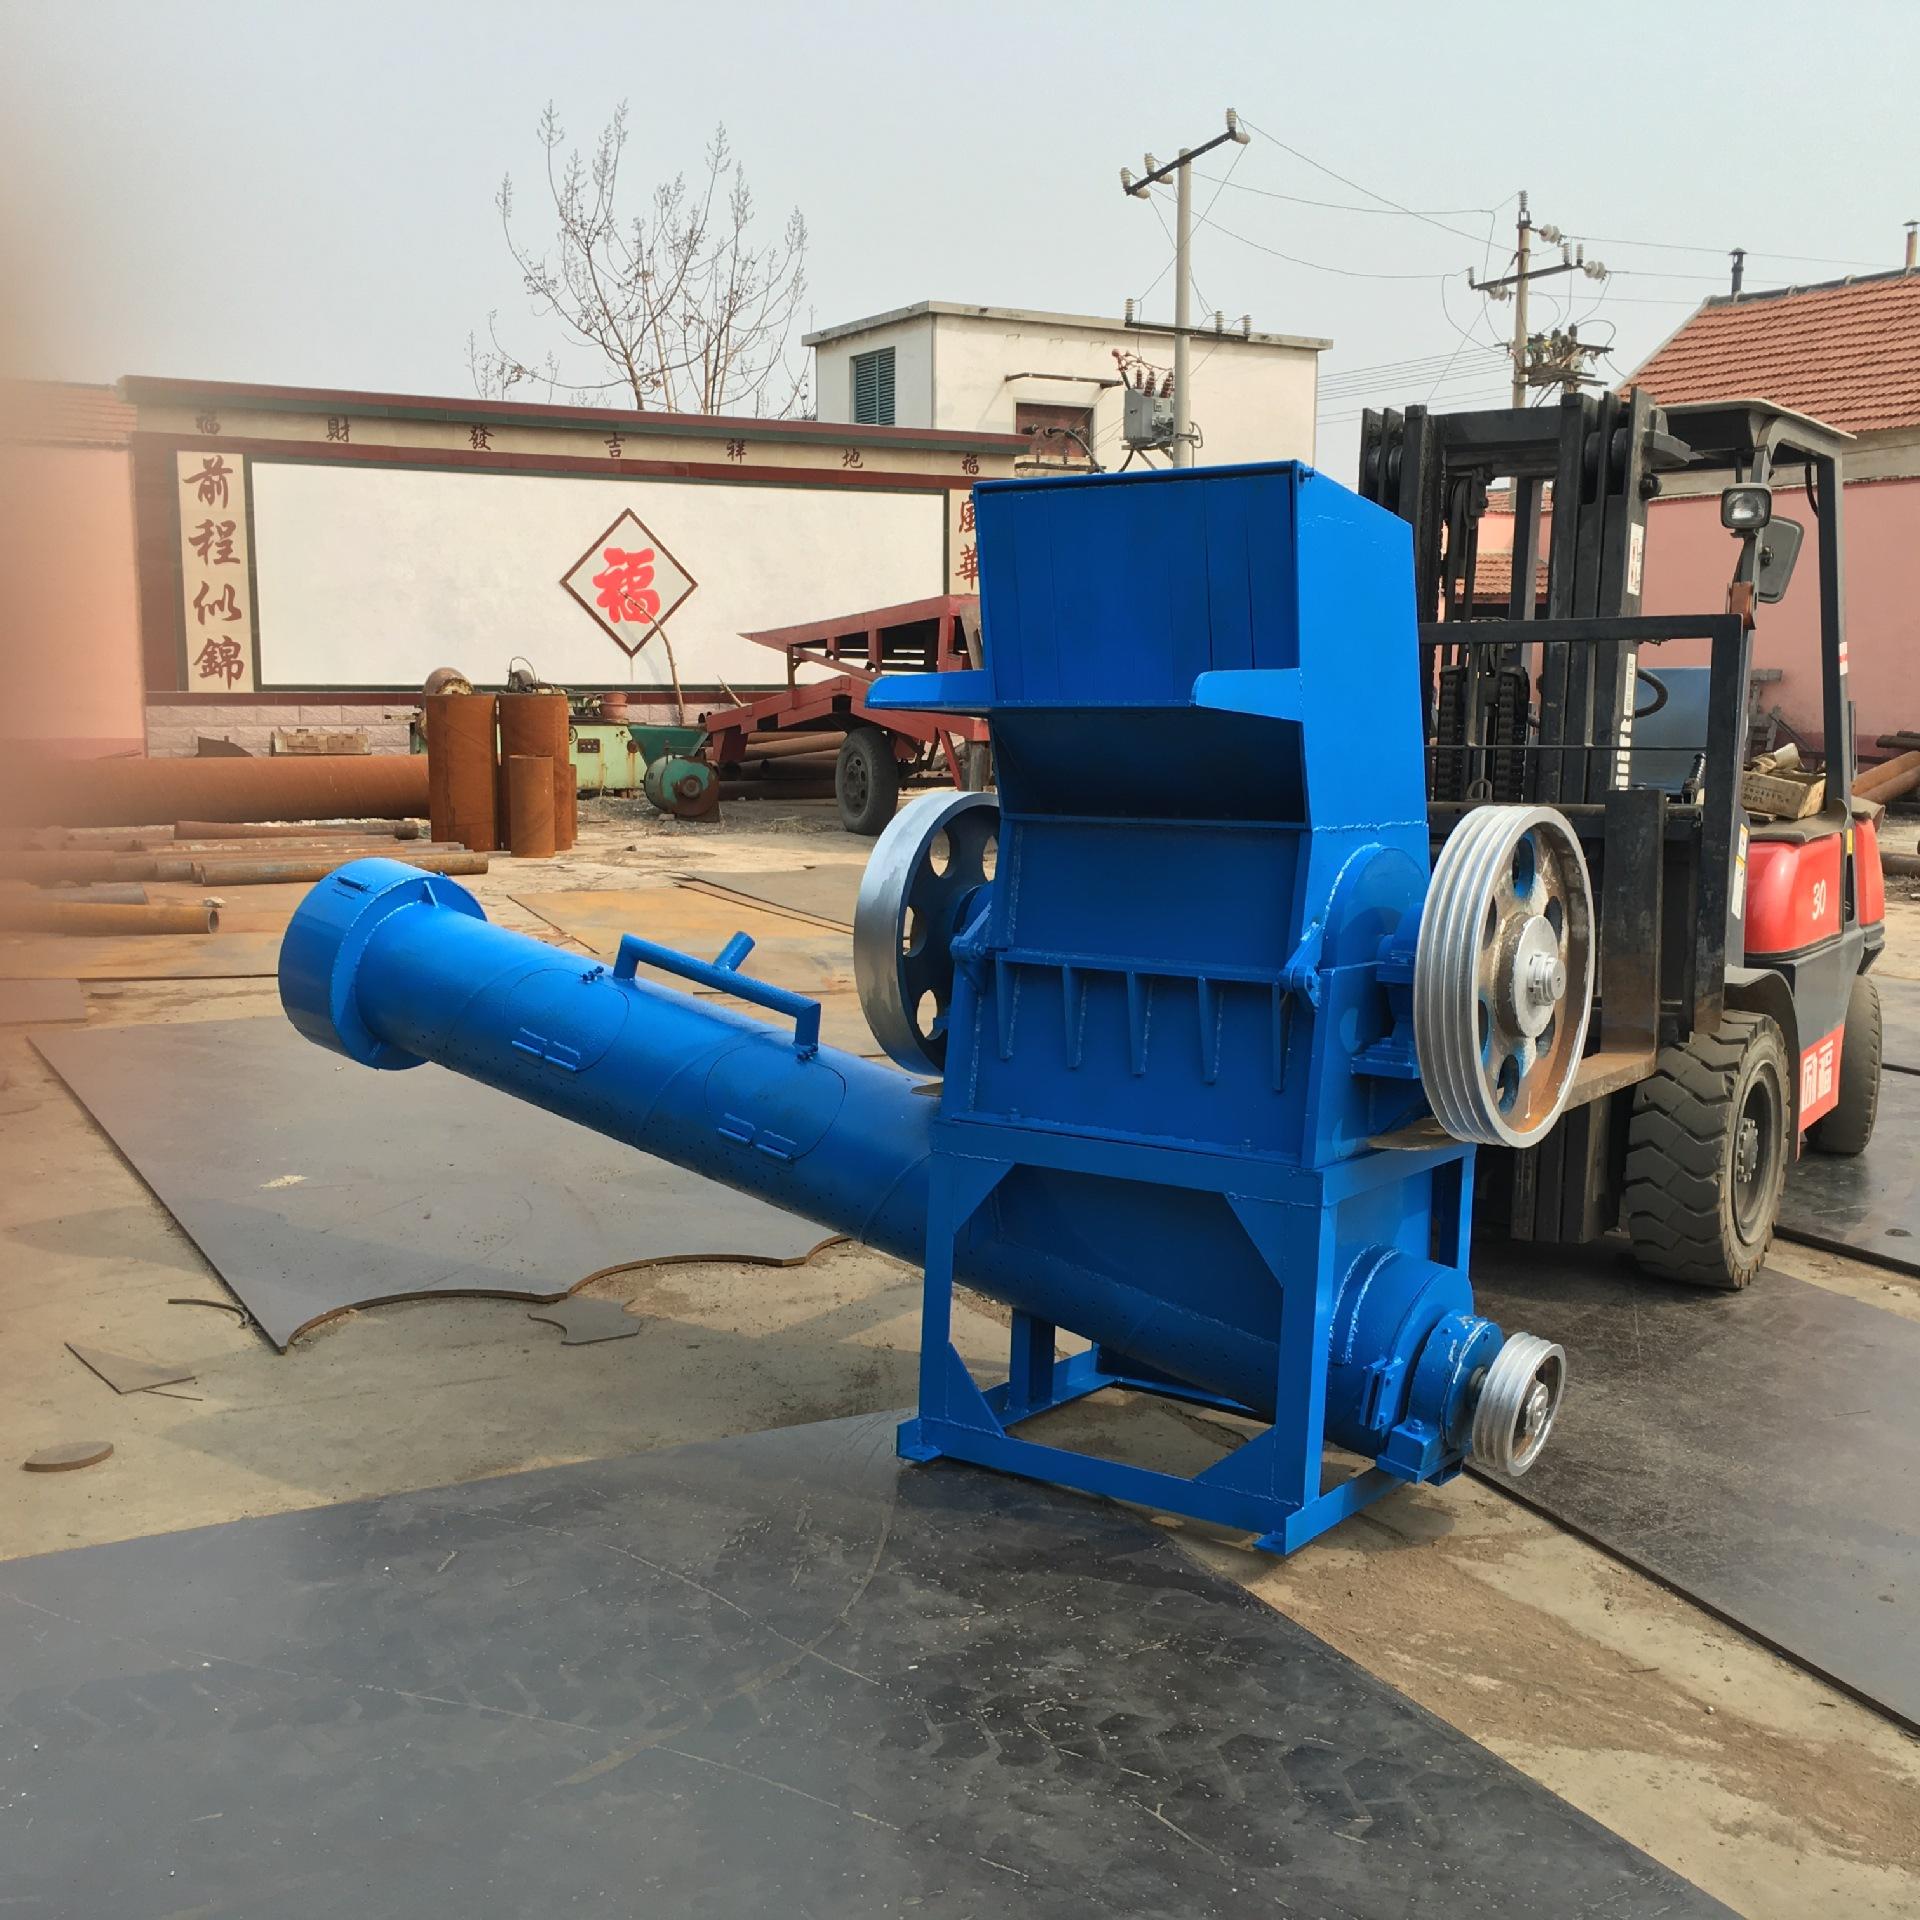 Nhựa phế liệu Nhà sản xuất cung cấp máy nghiền nhựa thải máy nghiền nhựa nghiền và làm sạch máy